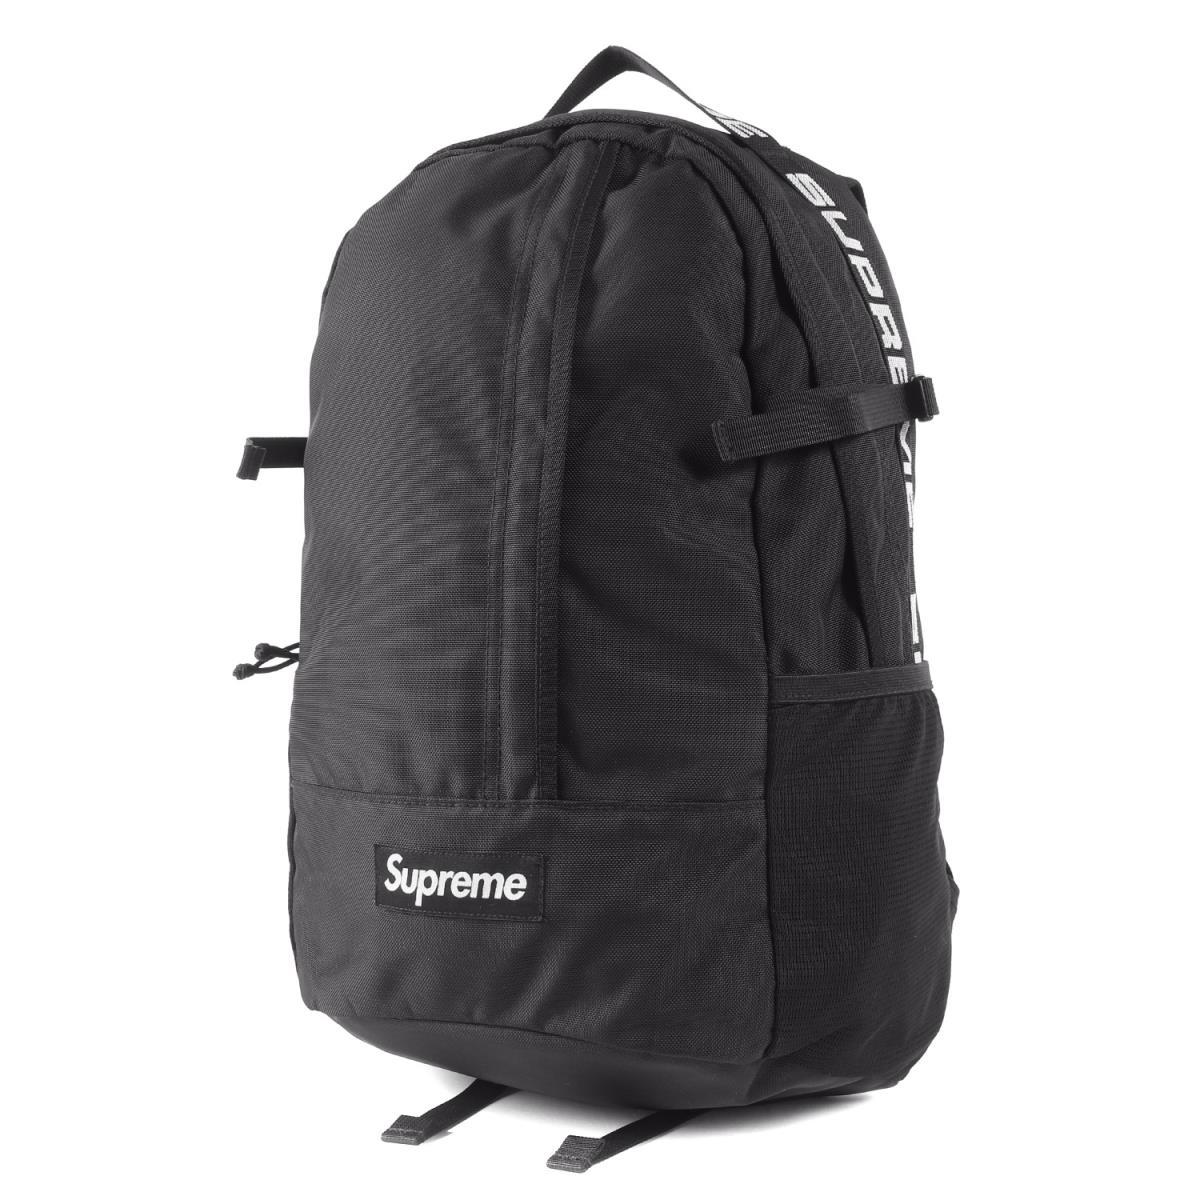 メンズバッグ, バックパック・リュック Supreme Backpack 18SS K2882